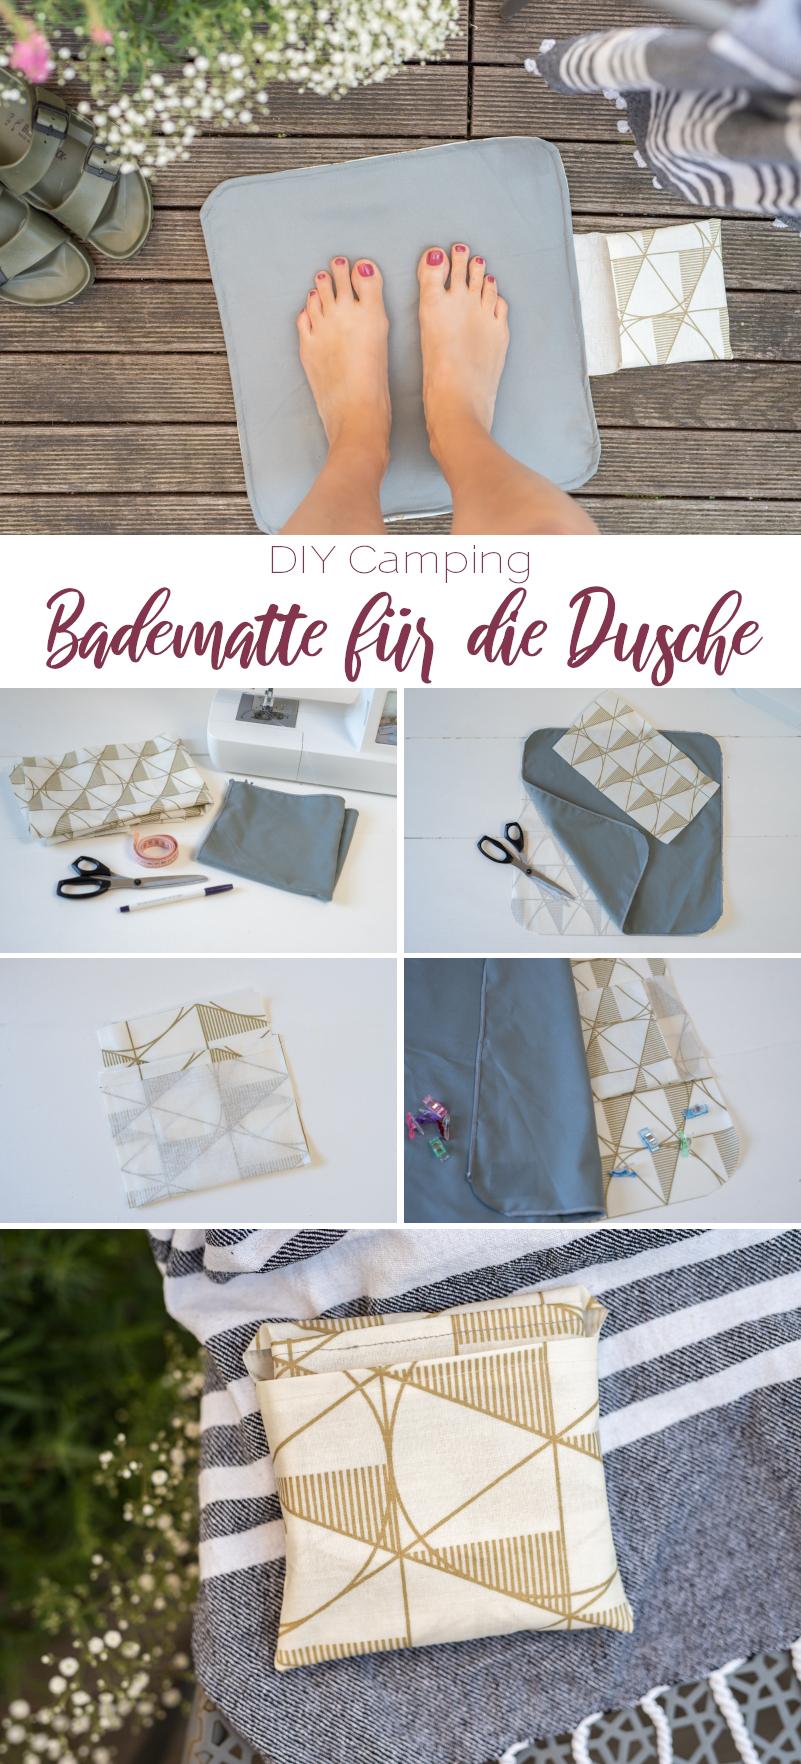 DIY Anleitung für eine selbst genähte mini Badematte für die Dusche auf dem Campingplatz als praktischer Camping Hack für Unterwegs